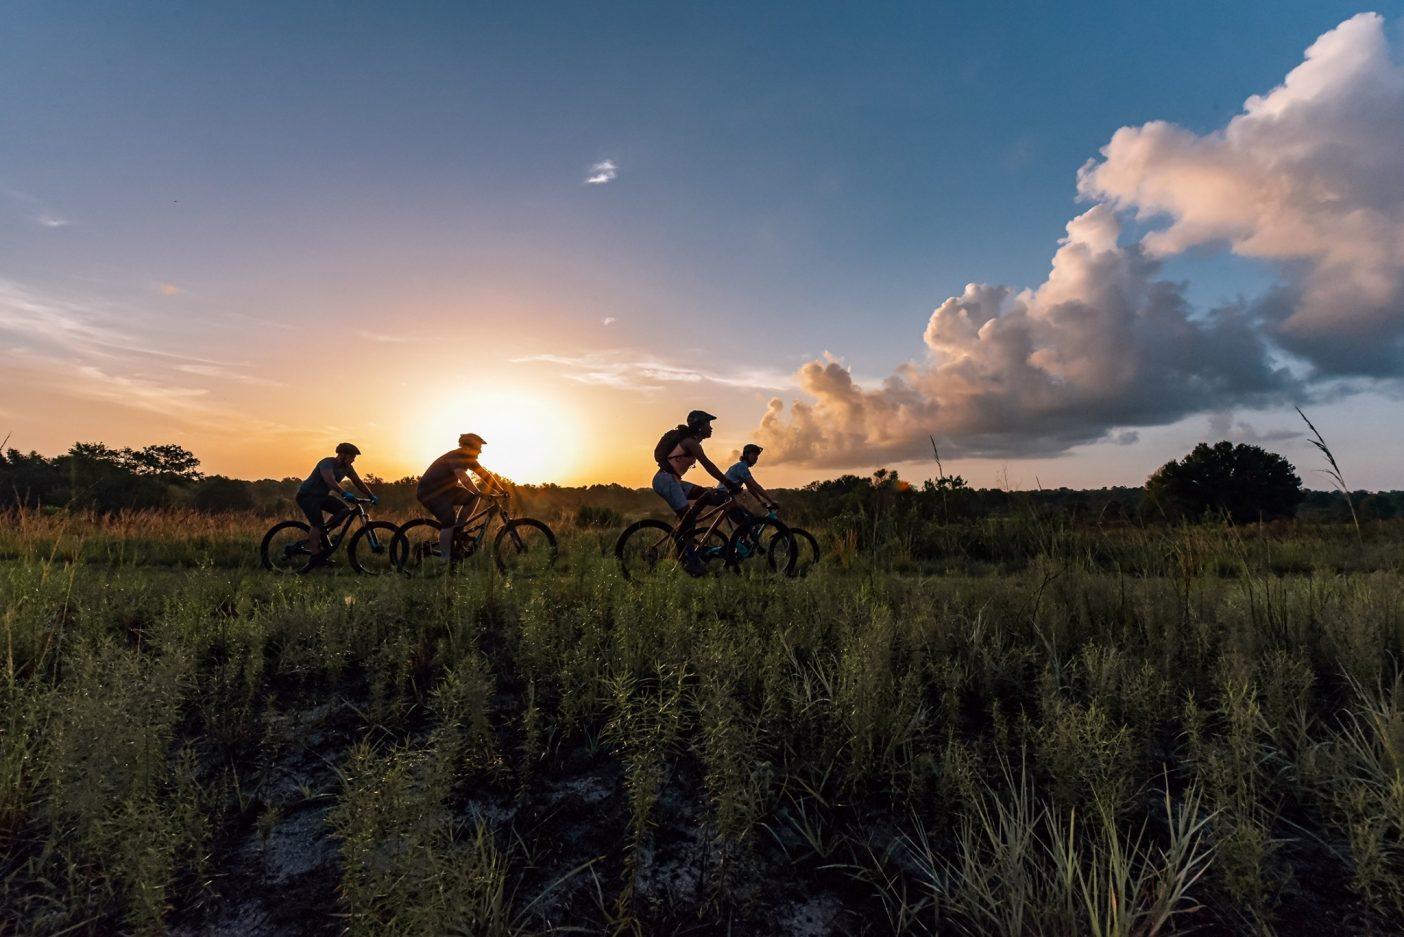 サバンナを彷彿とさせるバーム・ボイエットの草原で夜明けのクルーズを楽しむトニー・エステベス、スペンサー・マーシャル、アナリース、サキアス。午前7時の時点で気温が30度、湿度が90%を超える日は、とくに早くからのスタートが必須。Photo : Nathalie DuPré